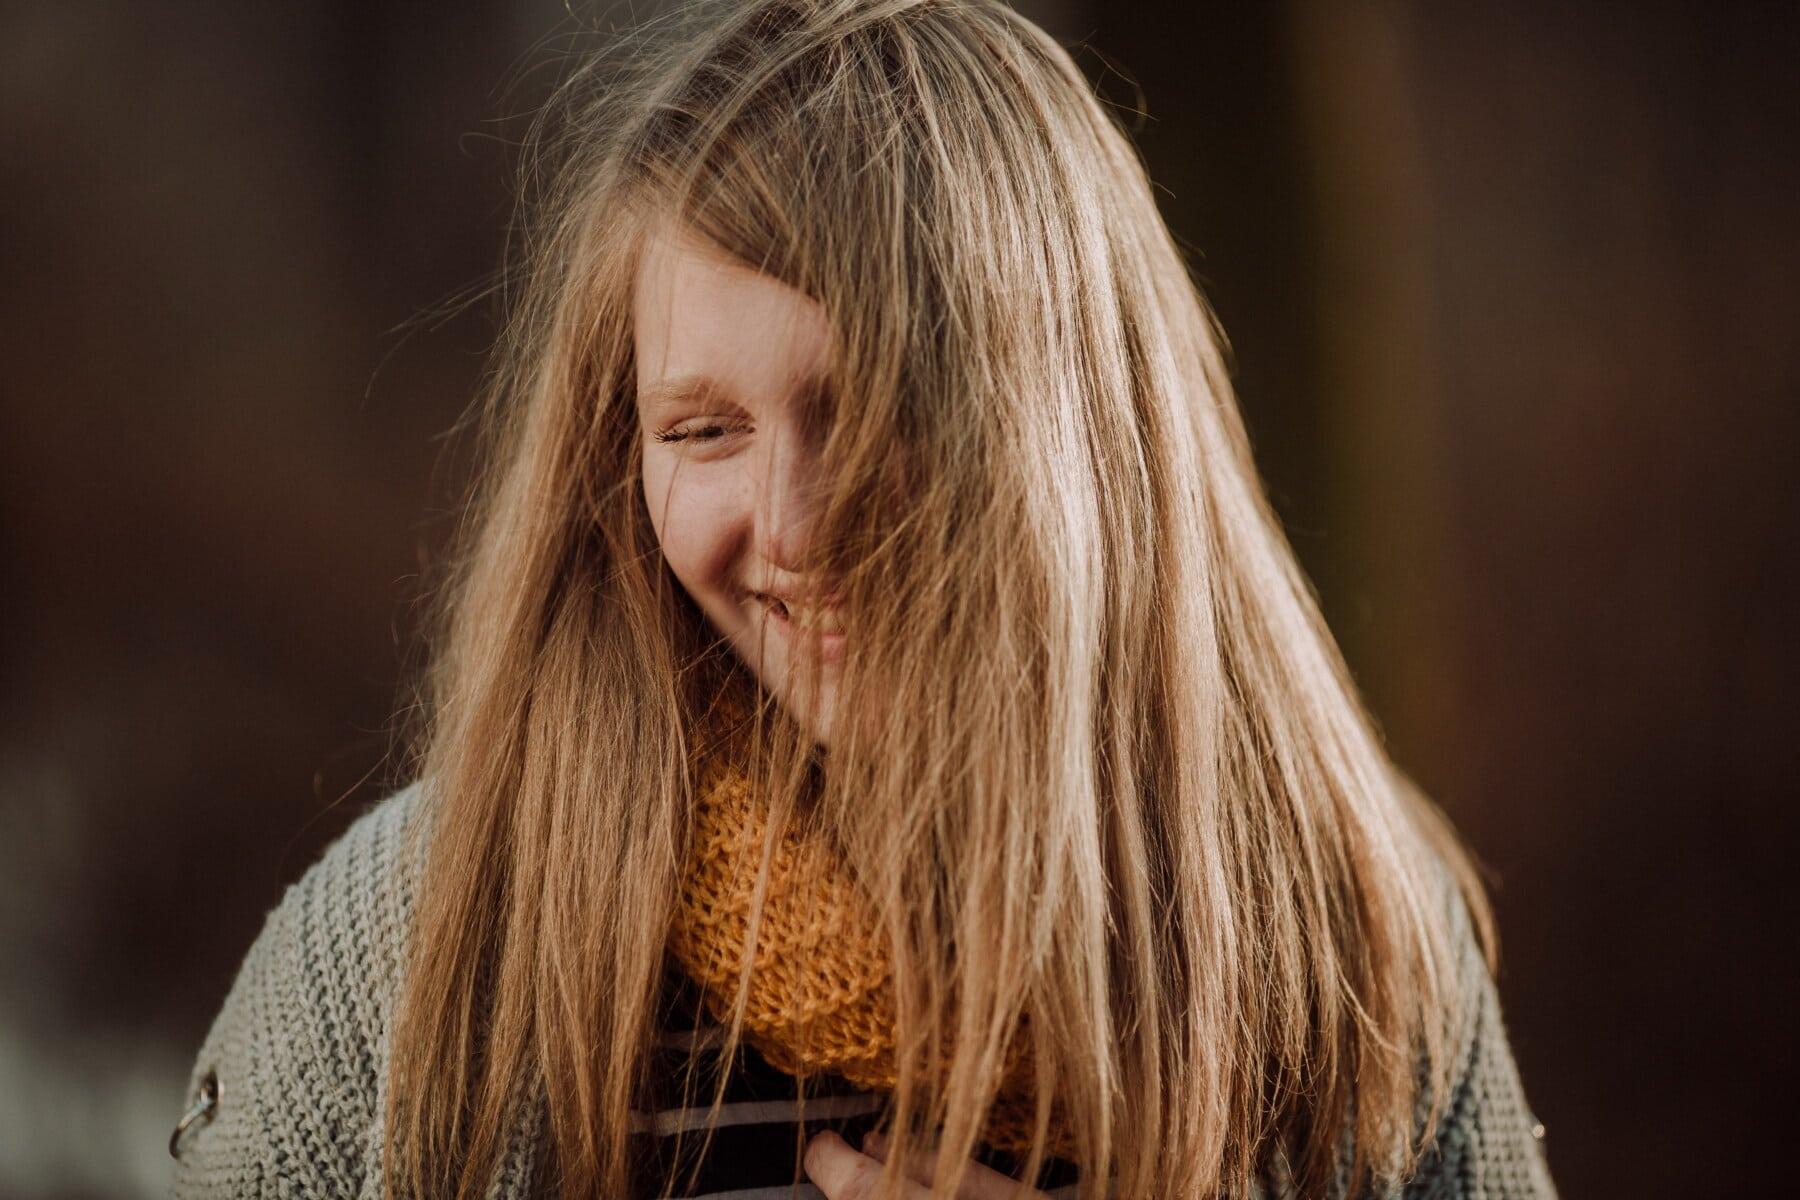 blond włosy, nastolatek, portret, przyjemność, szczęście, zbliżenie, uśmiechający się, twarz, kobieta, mody